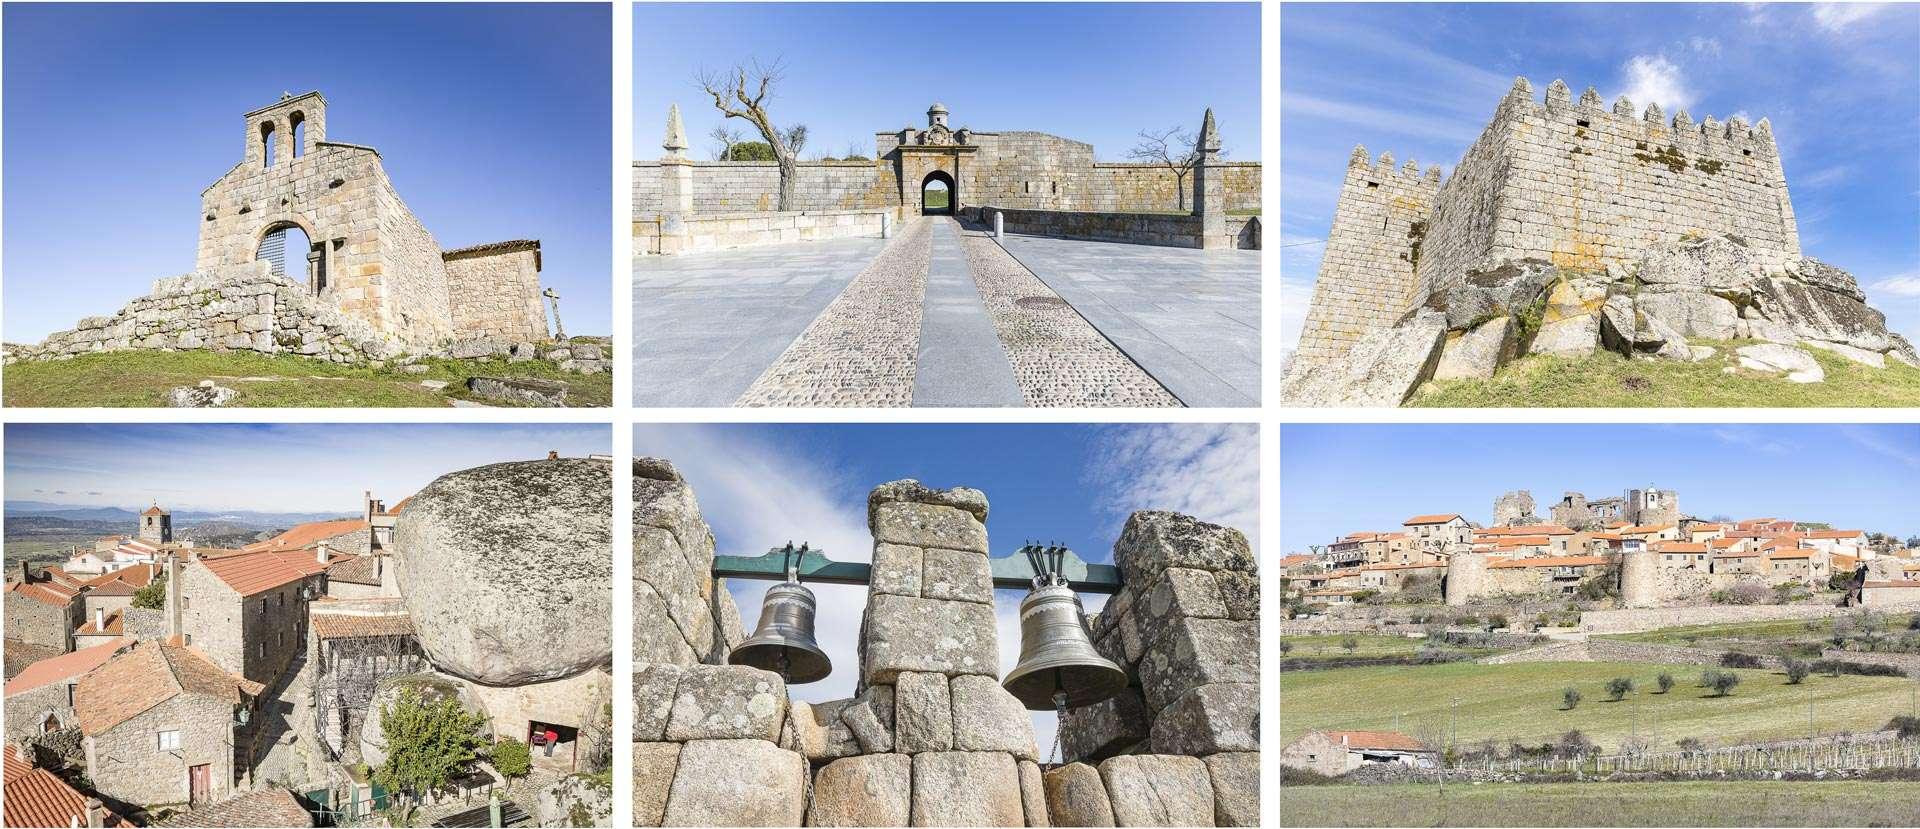 SEP Voyages vous convie à travers l'Histoire du Portugal, à la découverte des us et coutumes d'un peuple ainsi que de ses traditions ancestrales.